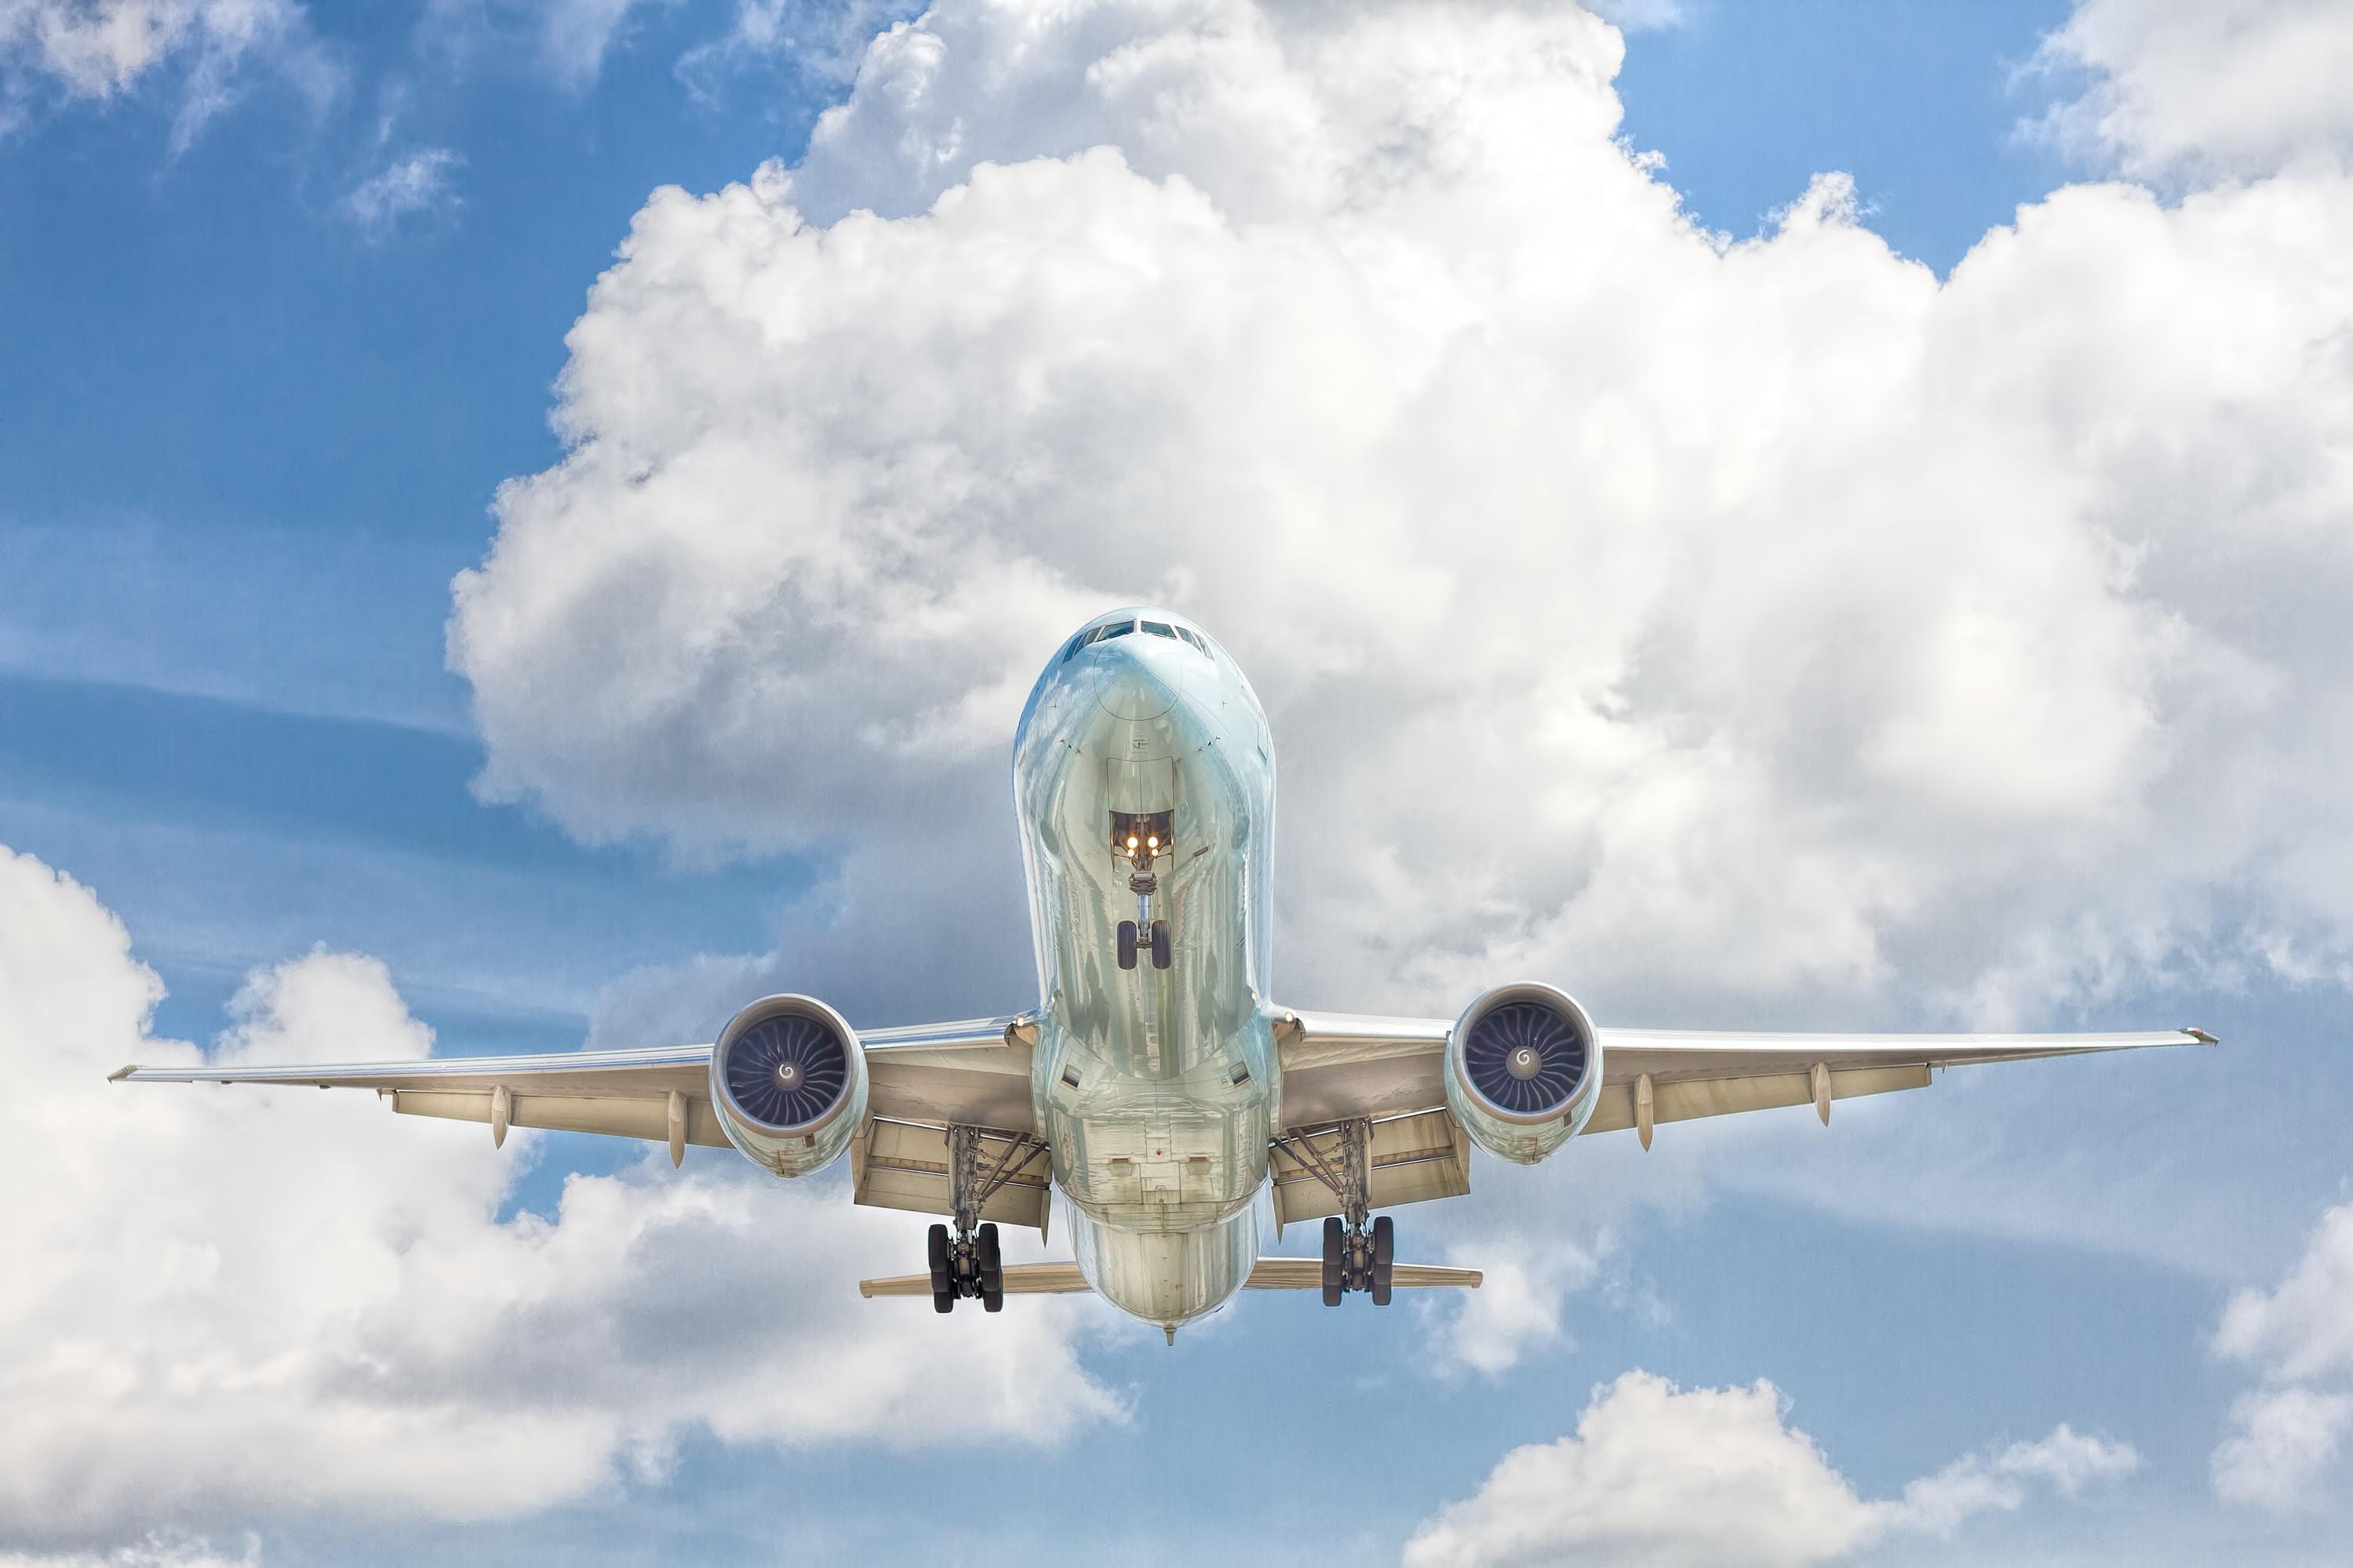 28,4% van de Belgen wijzigt hun manier van reizen met het vliegtuig voor het klimaat